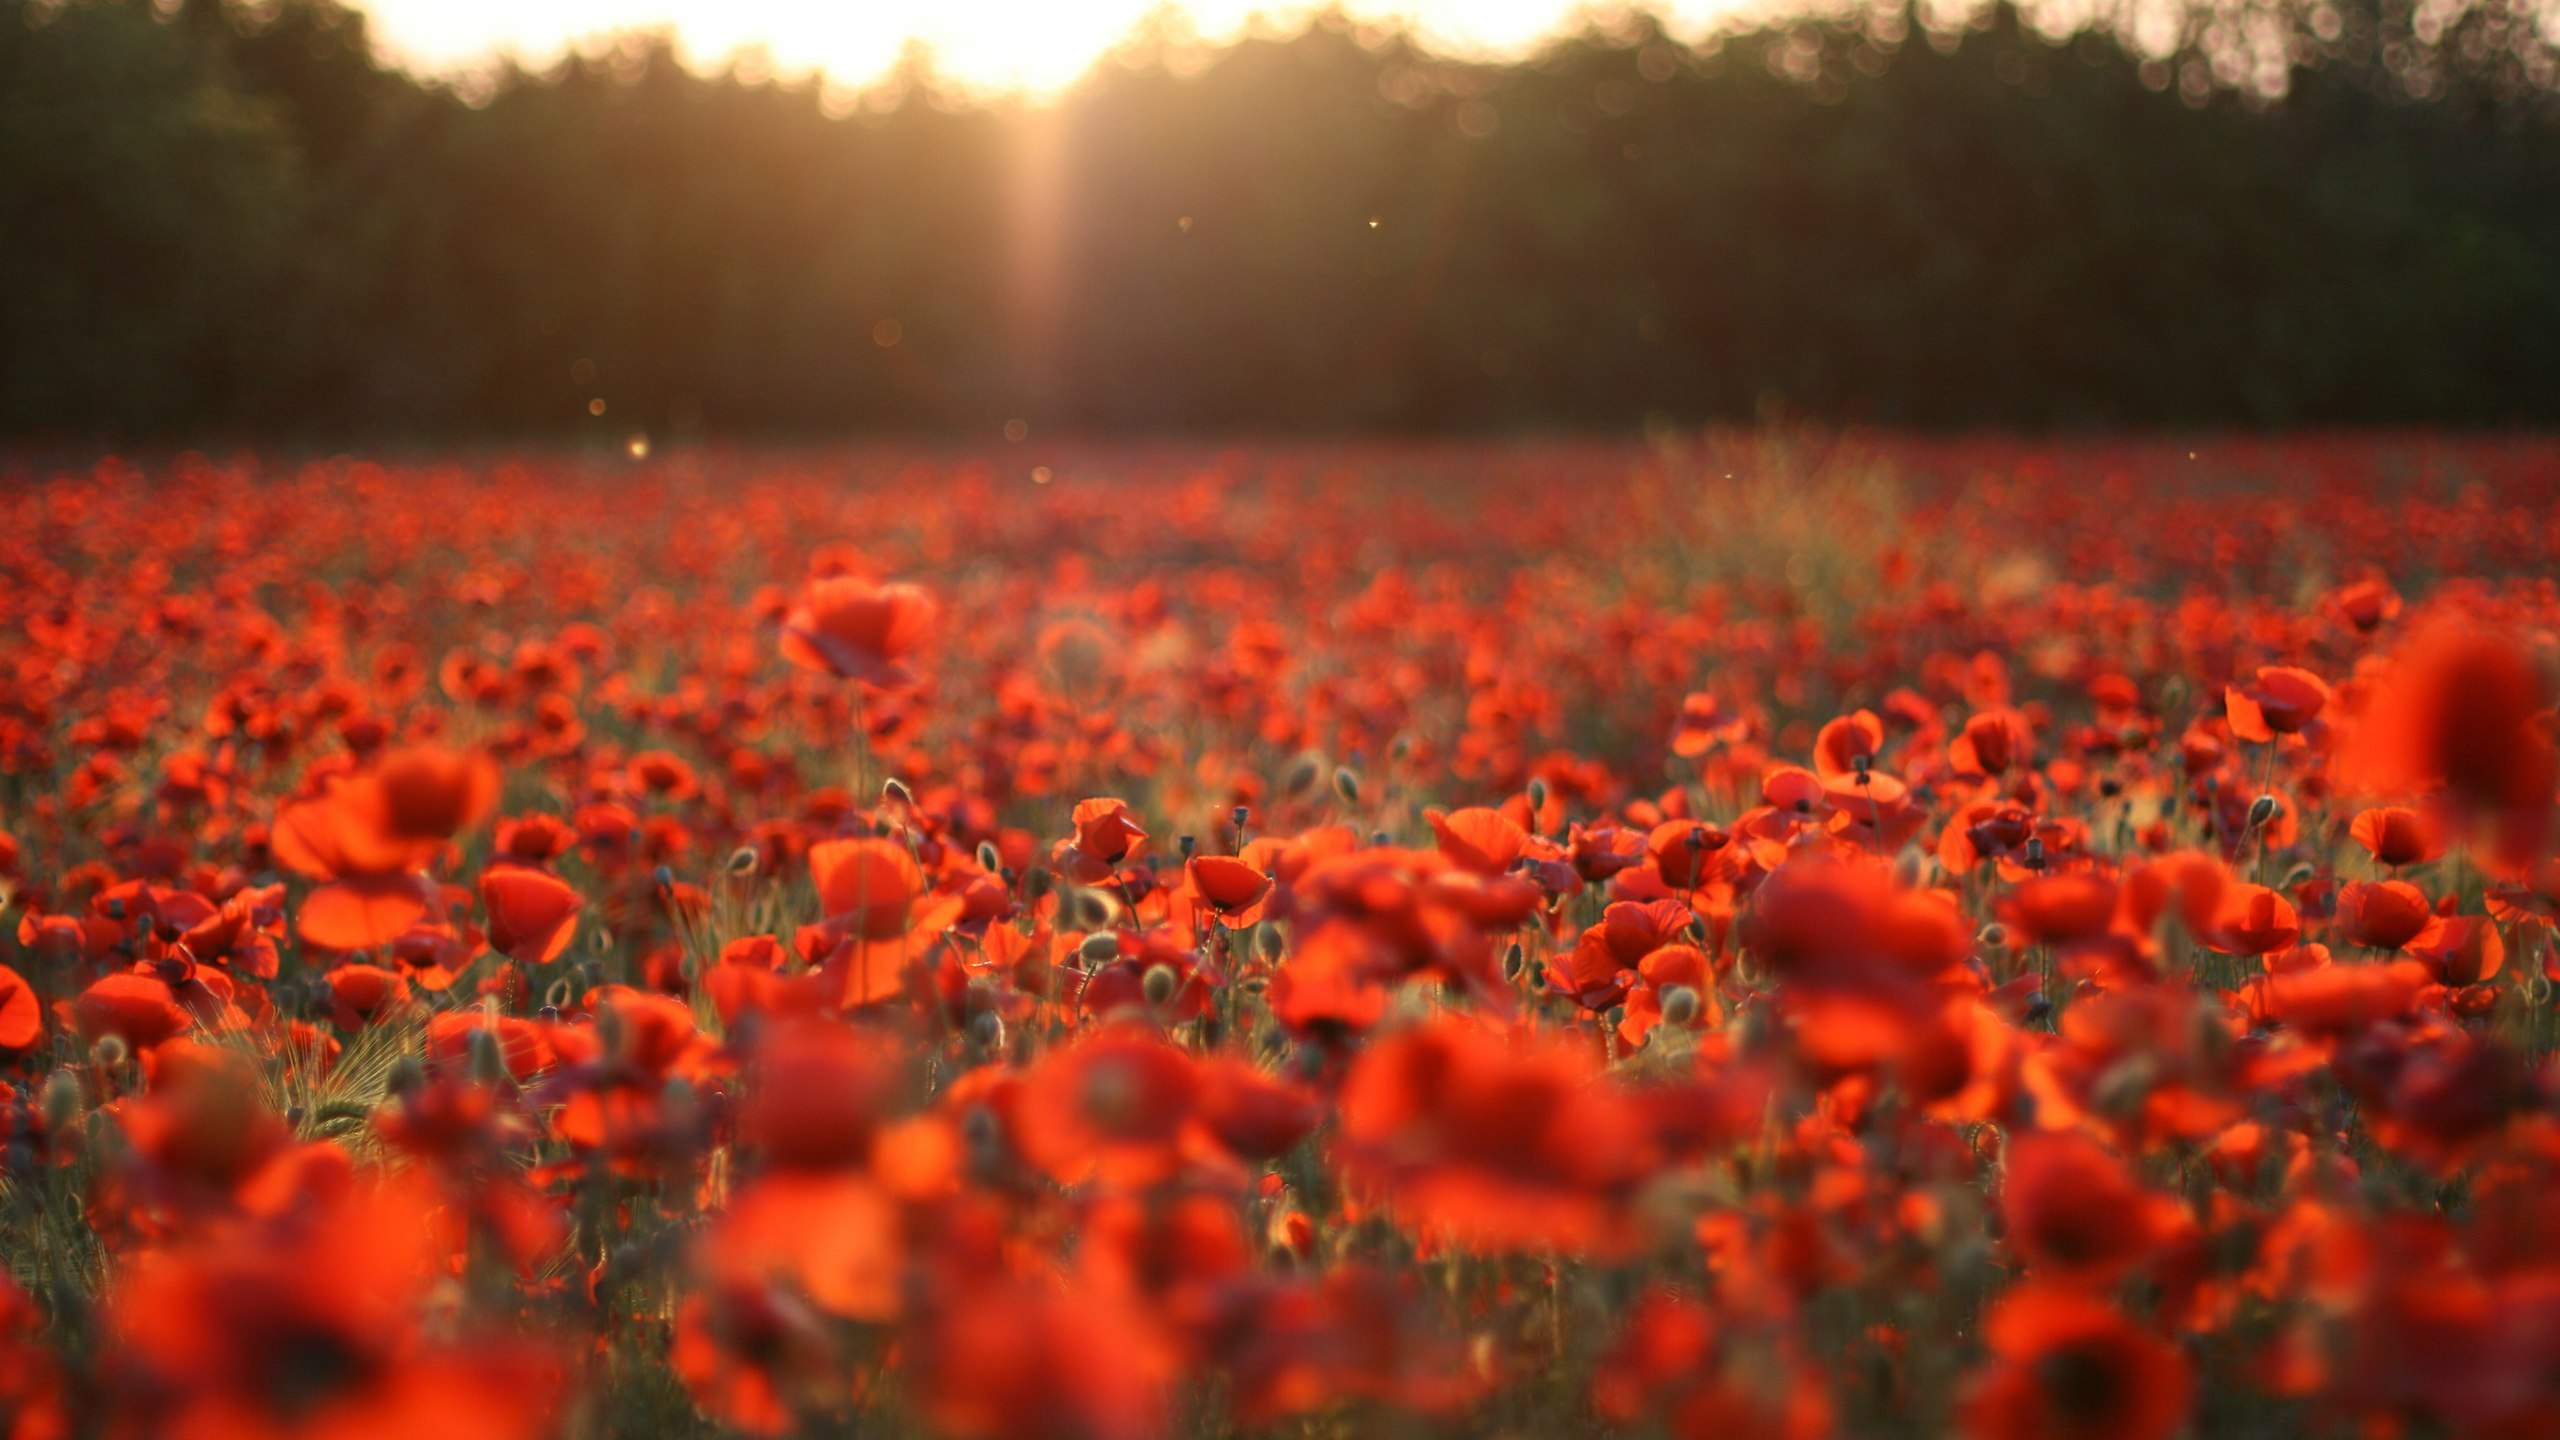 22735 скачать обои Растения, Пейзаж, Цветы, Поля, Маки, Солнце - заставки и картинки бесплатно